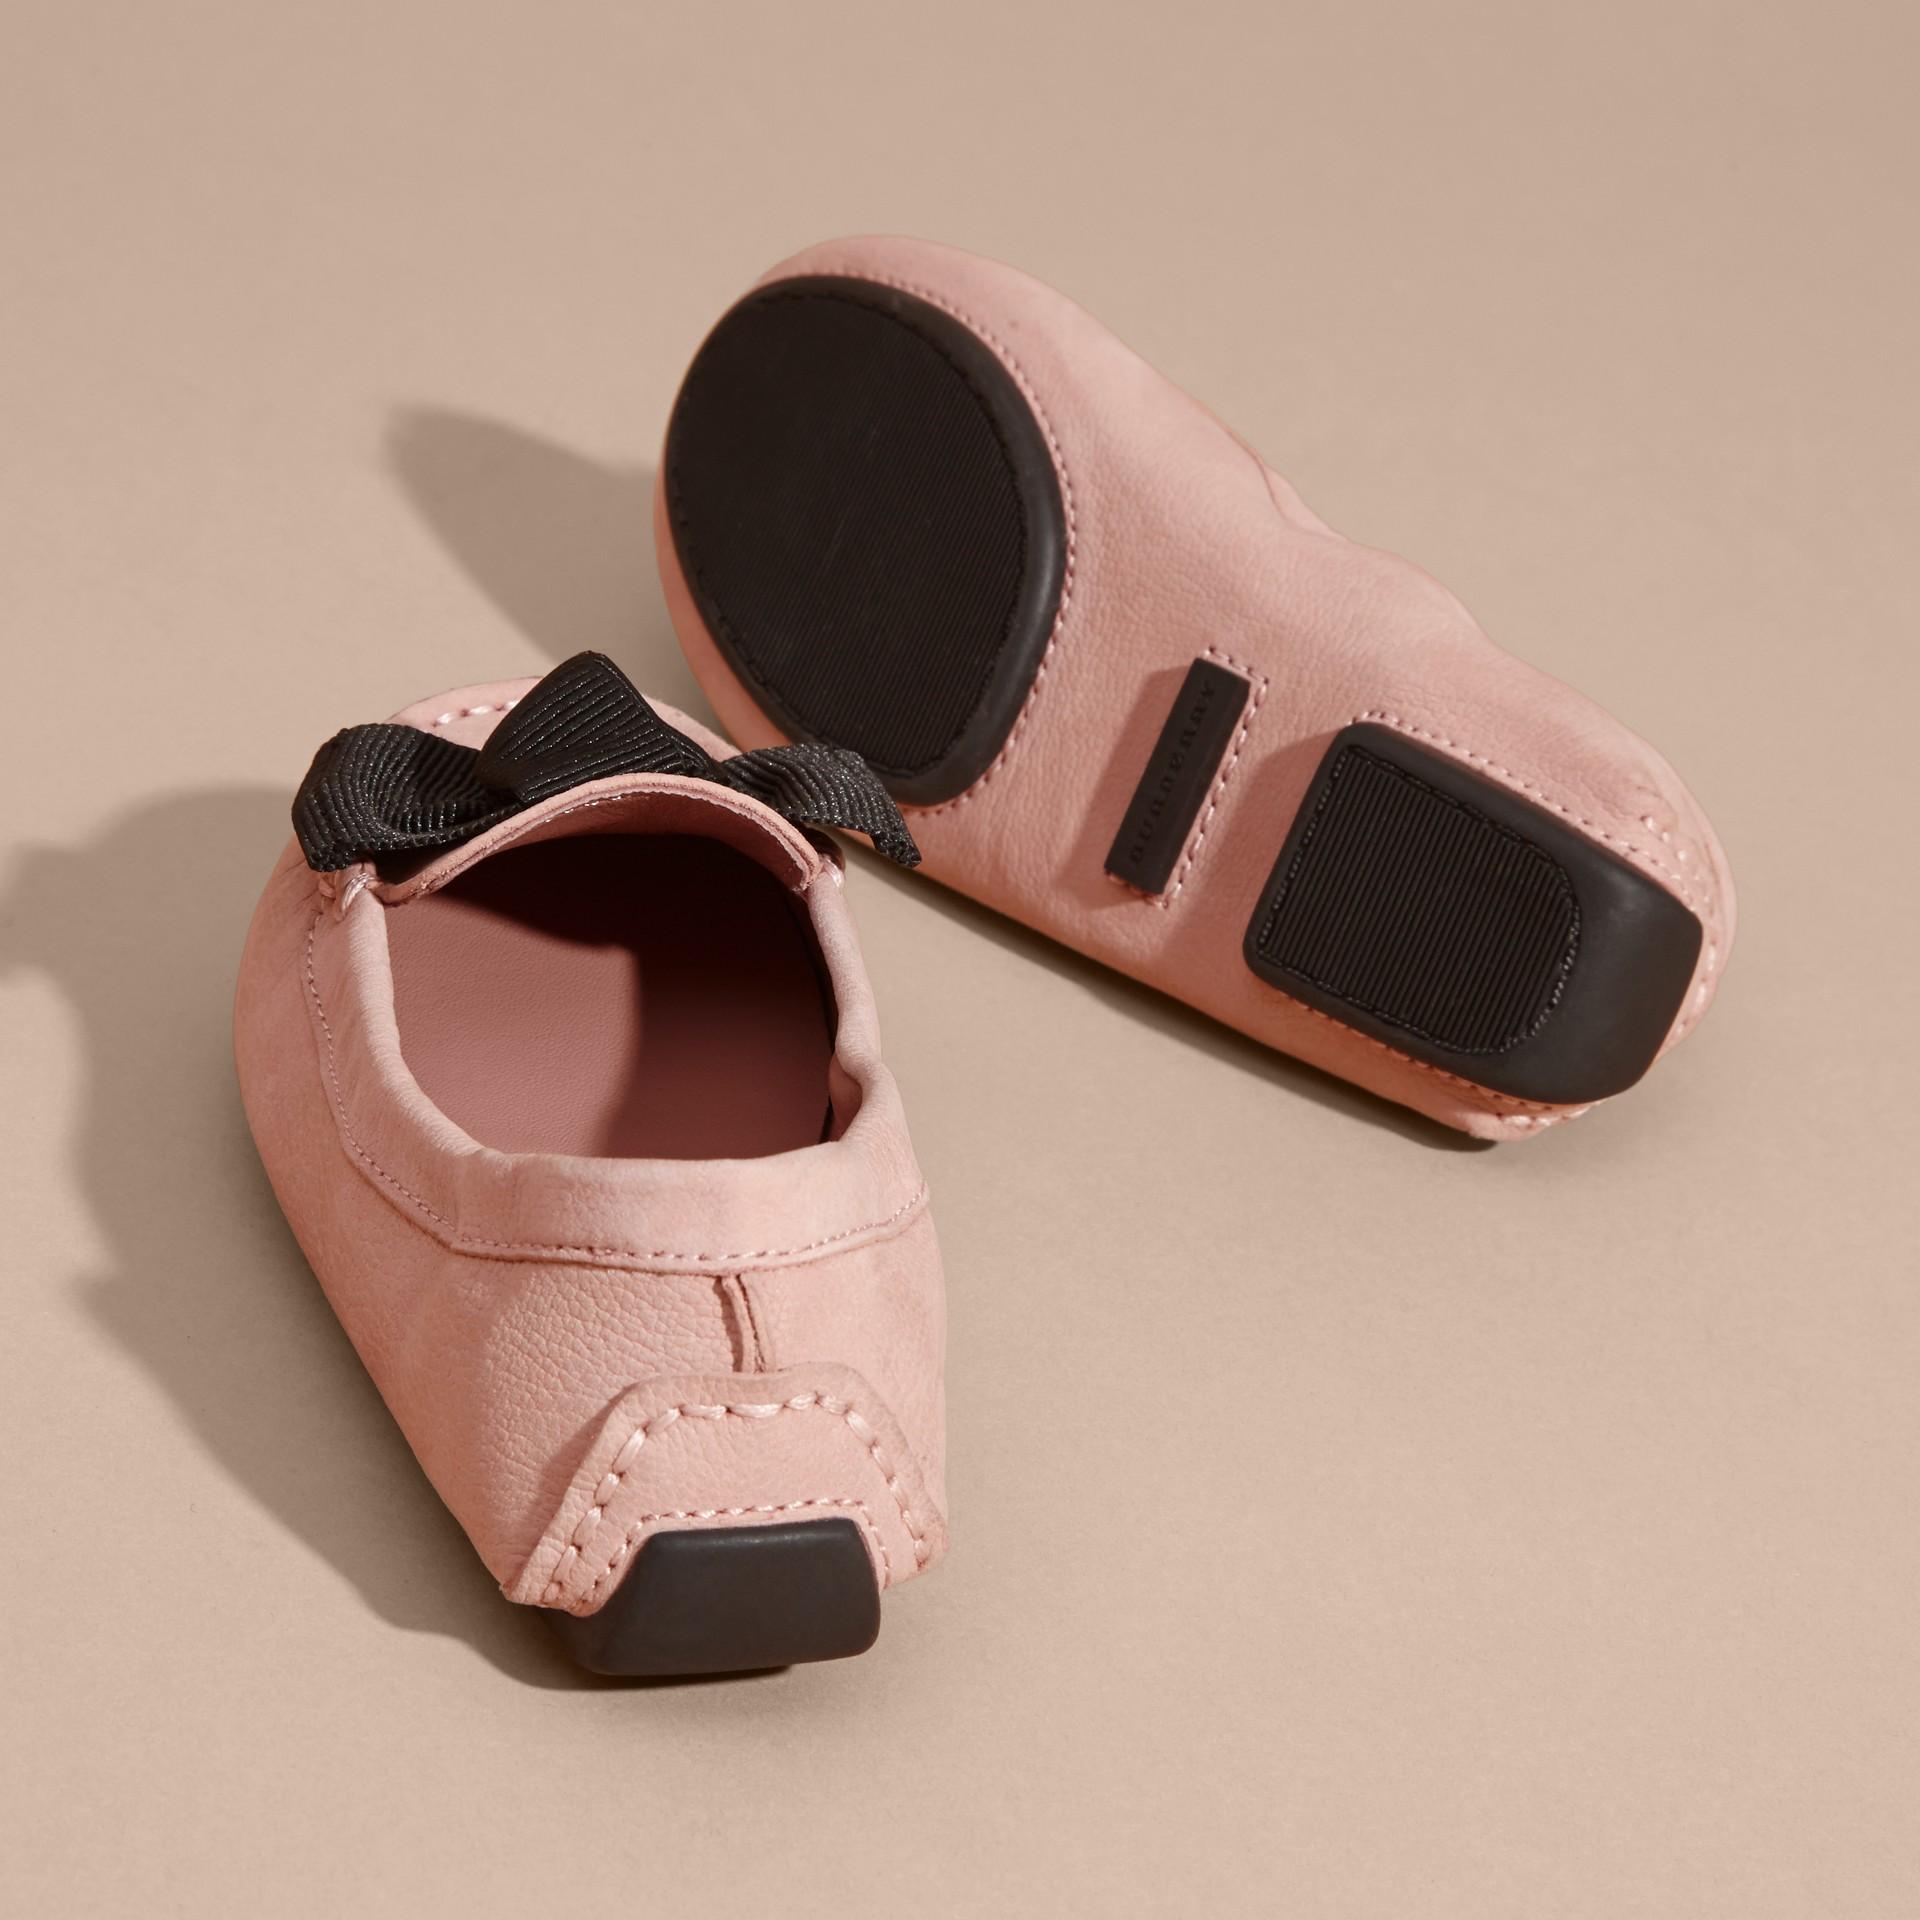 Aschrosa Loafer aus Leder mit Schleifendetail - Galerie-Bild 4